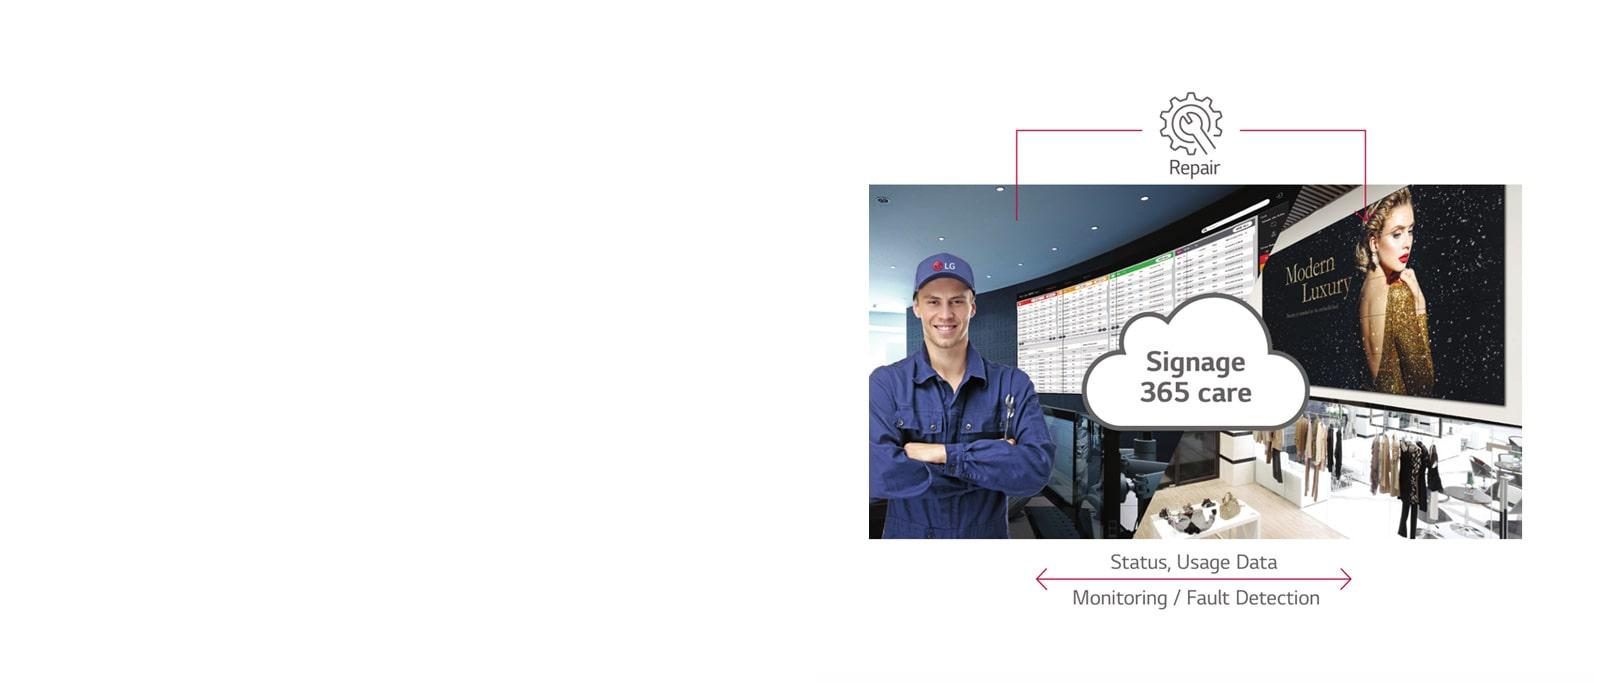 Управление и мониторинг в режиме реального времени1